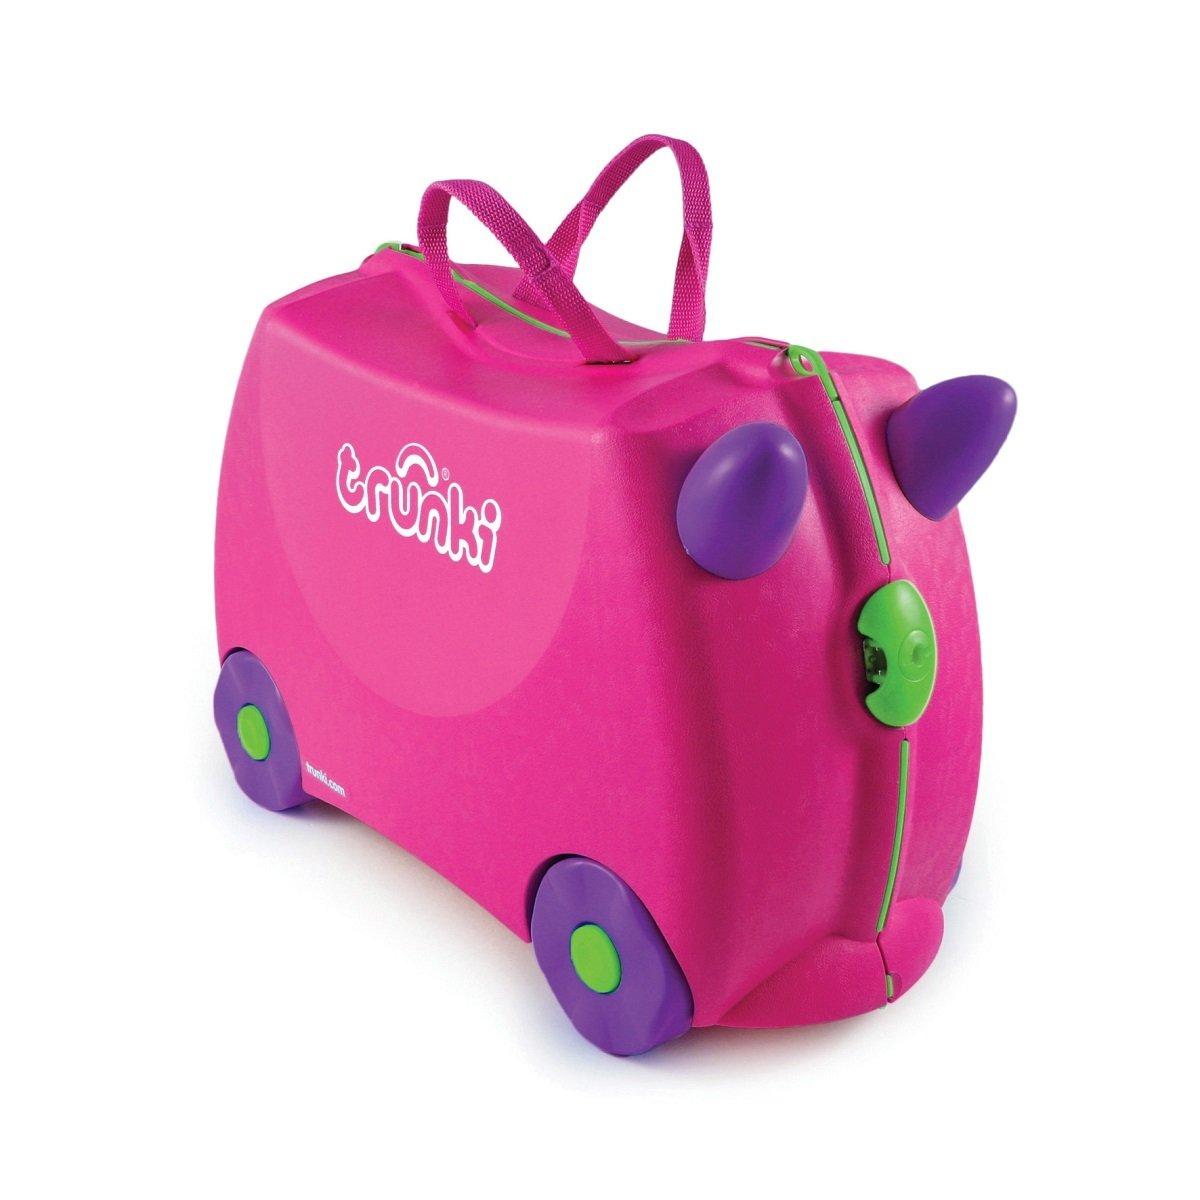 小朋友行李箱 - 桃紅色